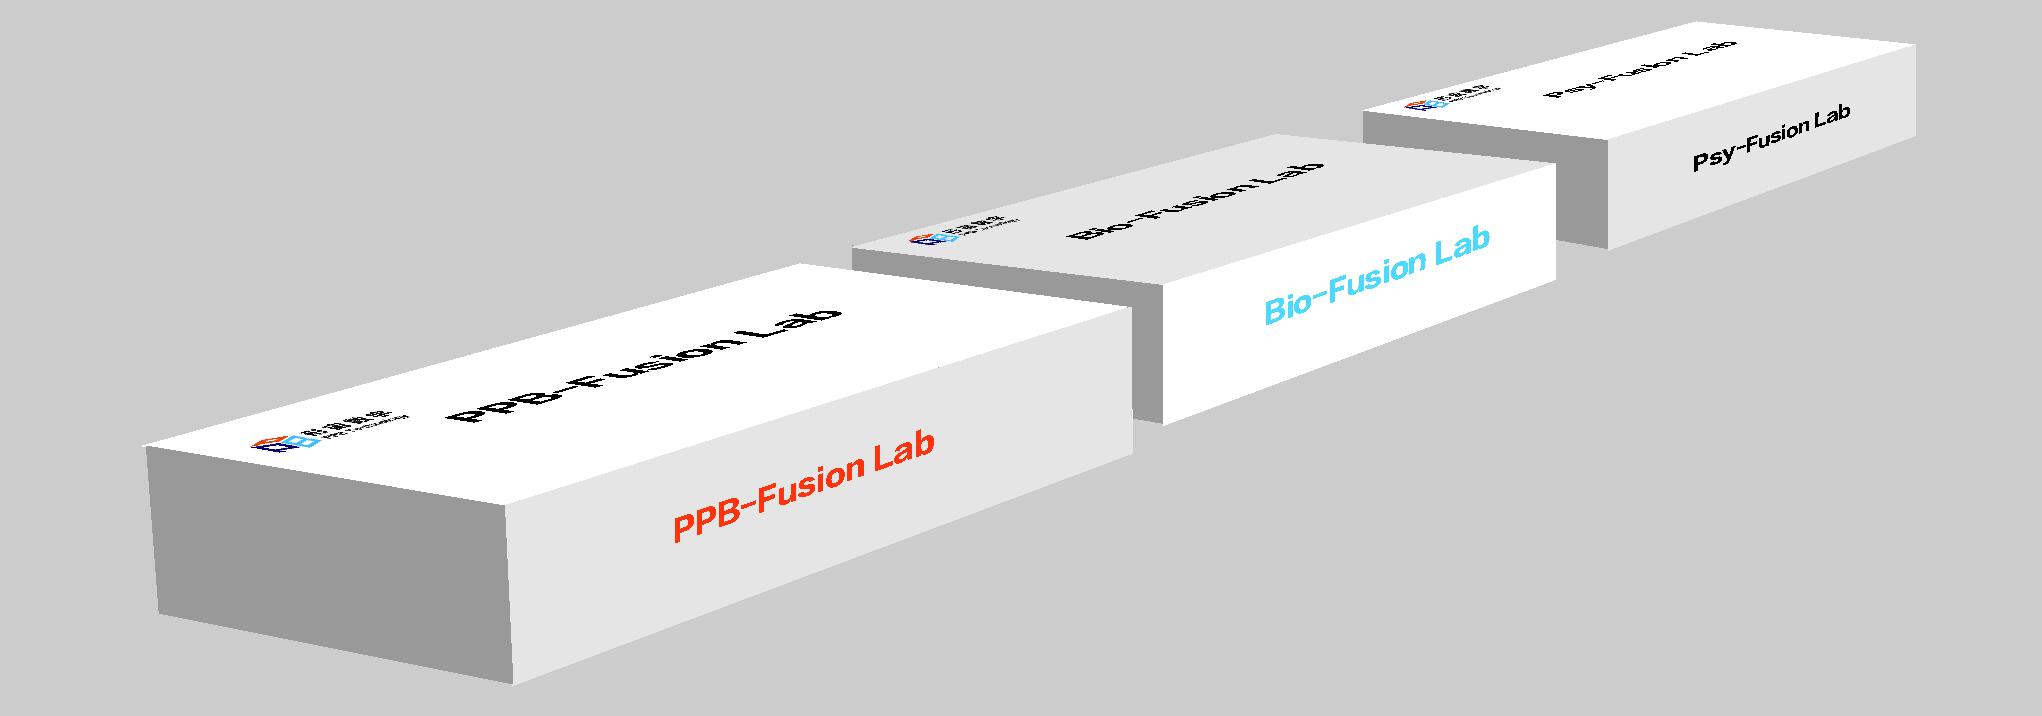 PPB-Fusion Lab 多模态数据融合分析系统